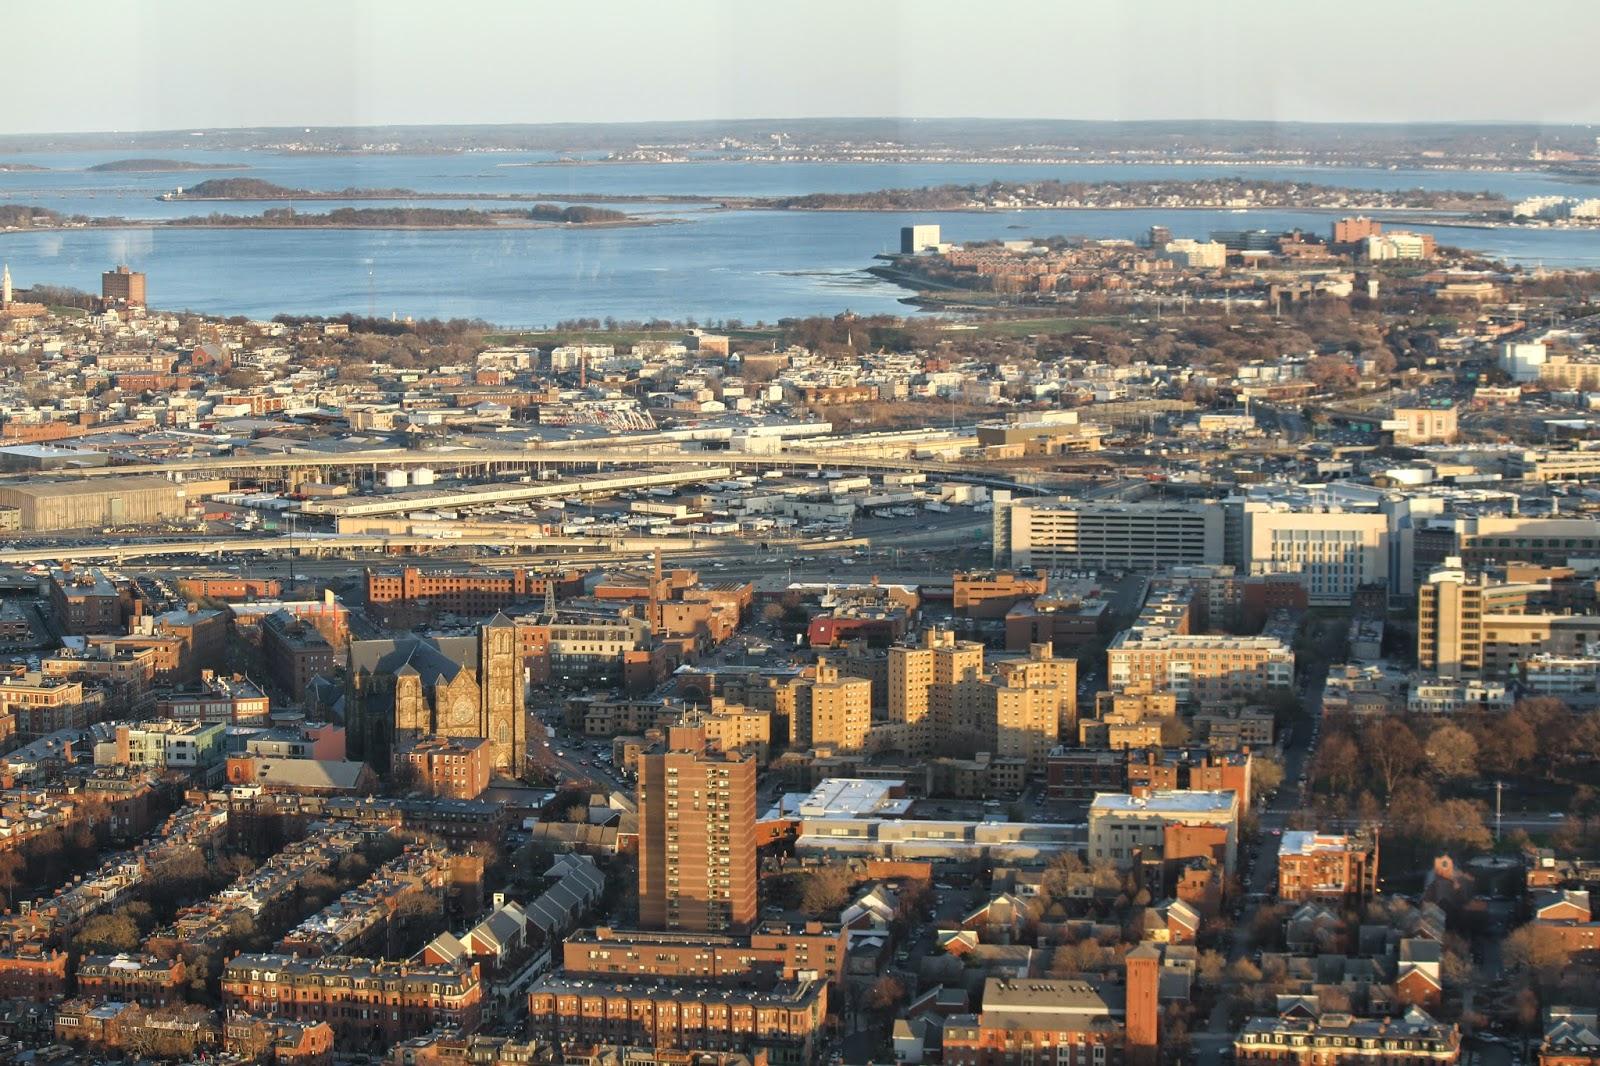 Subir ao SKYWALK OBSERVATORY, uma vista 52 andares acima das ruas de Boston | EUA